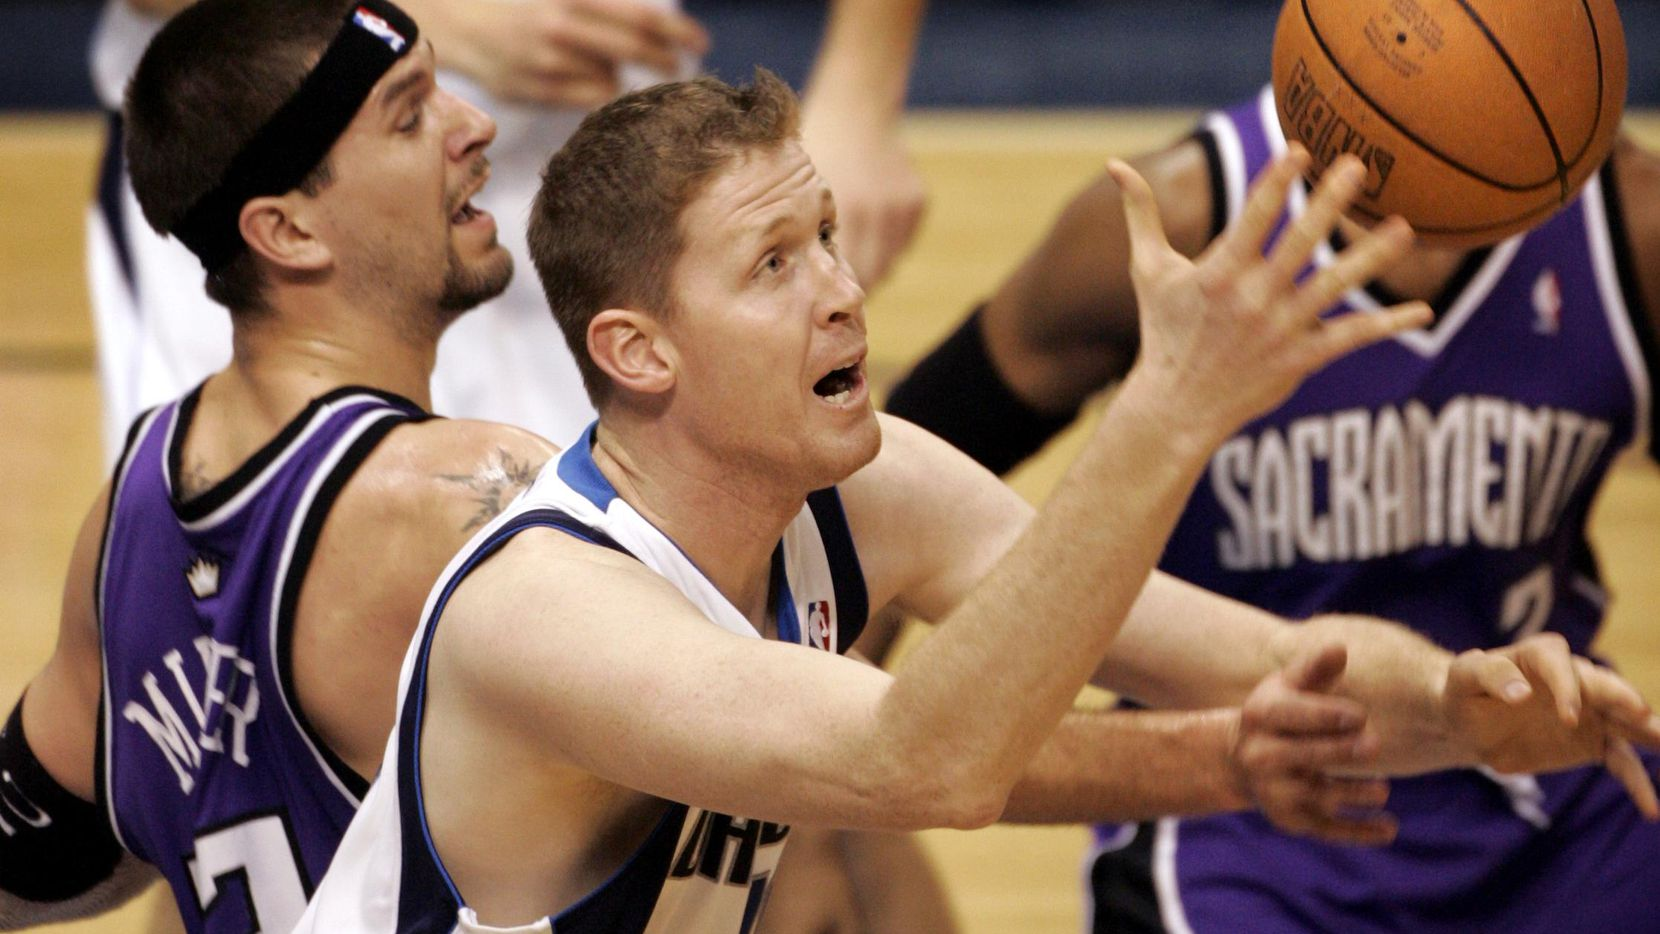 El jugador de los Mavericks de Dallas, Shawn Bradley, recupera un rebote ante los Kings de Sacramento en un partido del 24 de febrero de 2005.